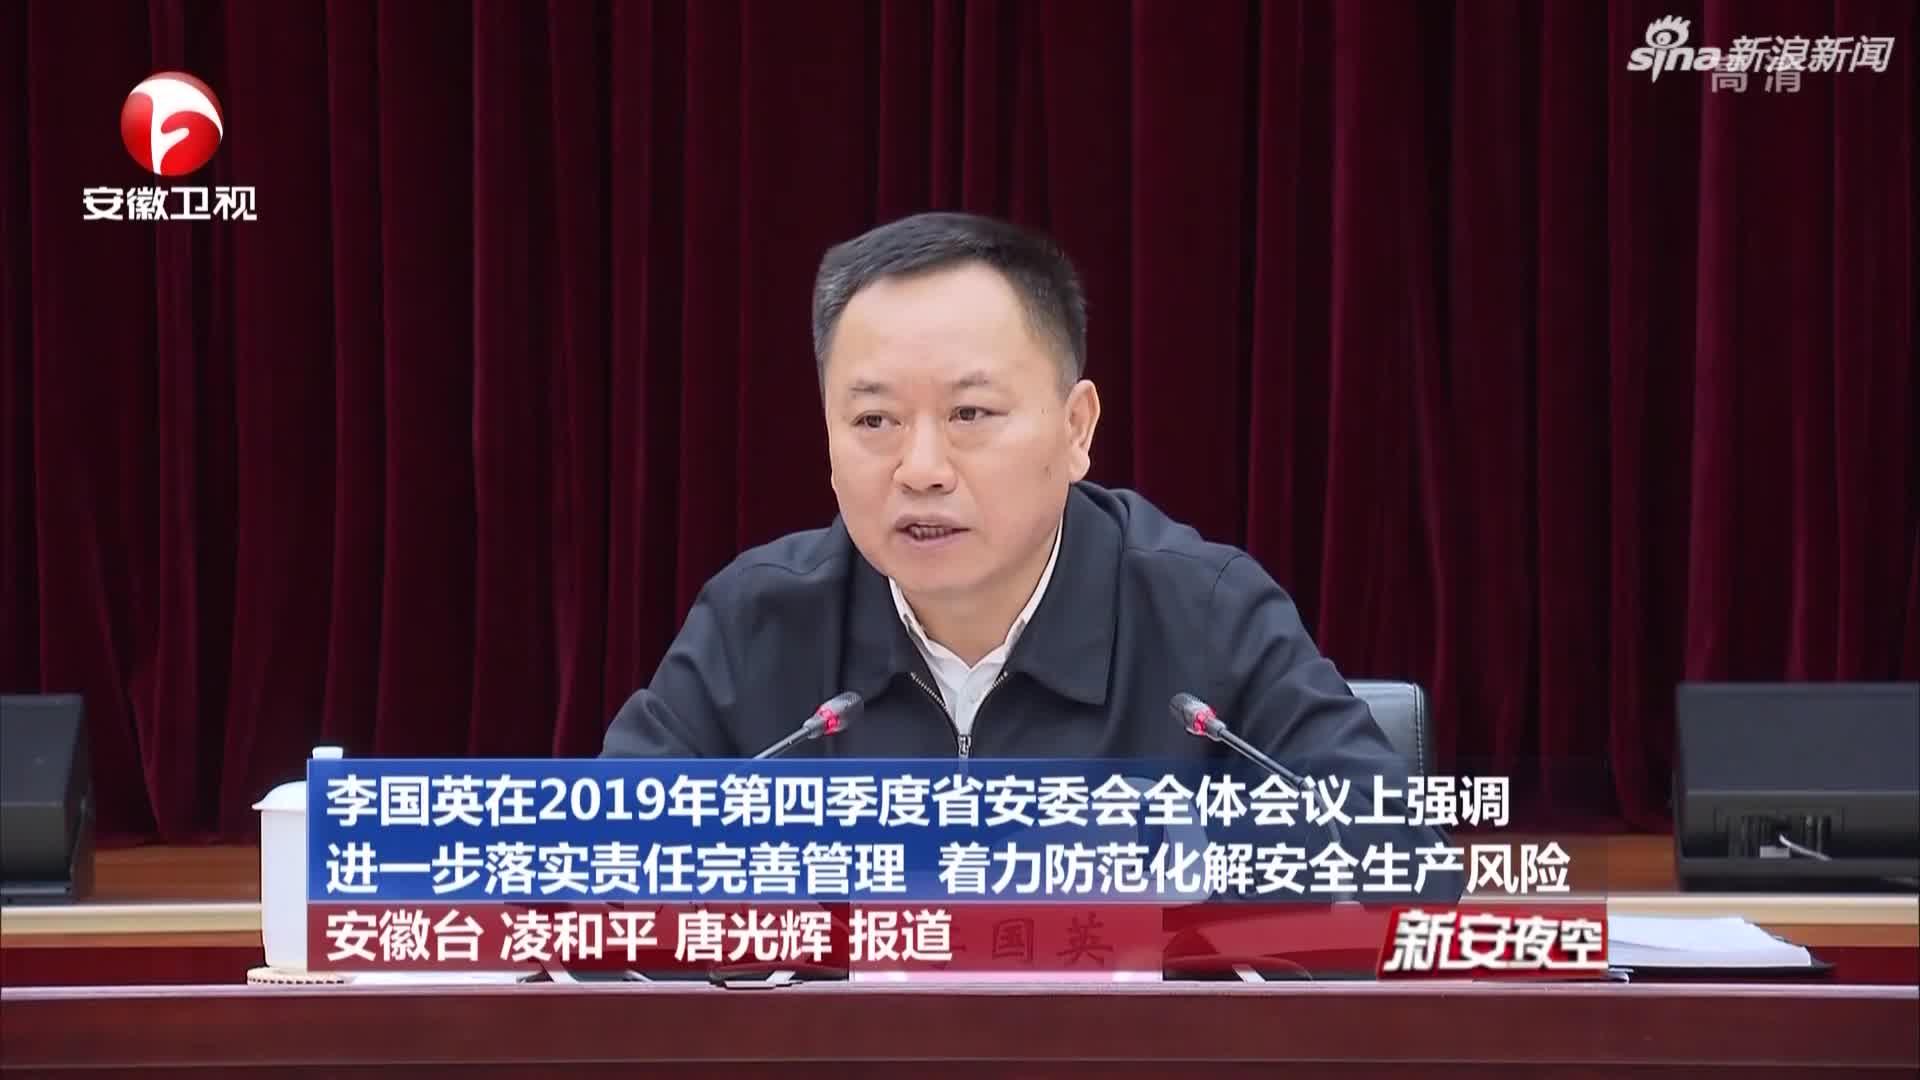 《新安夜空》李国英在2019年第四季度省安委会全体会议上强调  进一步落实责任完善管理  着力防范化解安全生产风险